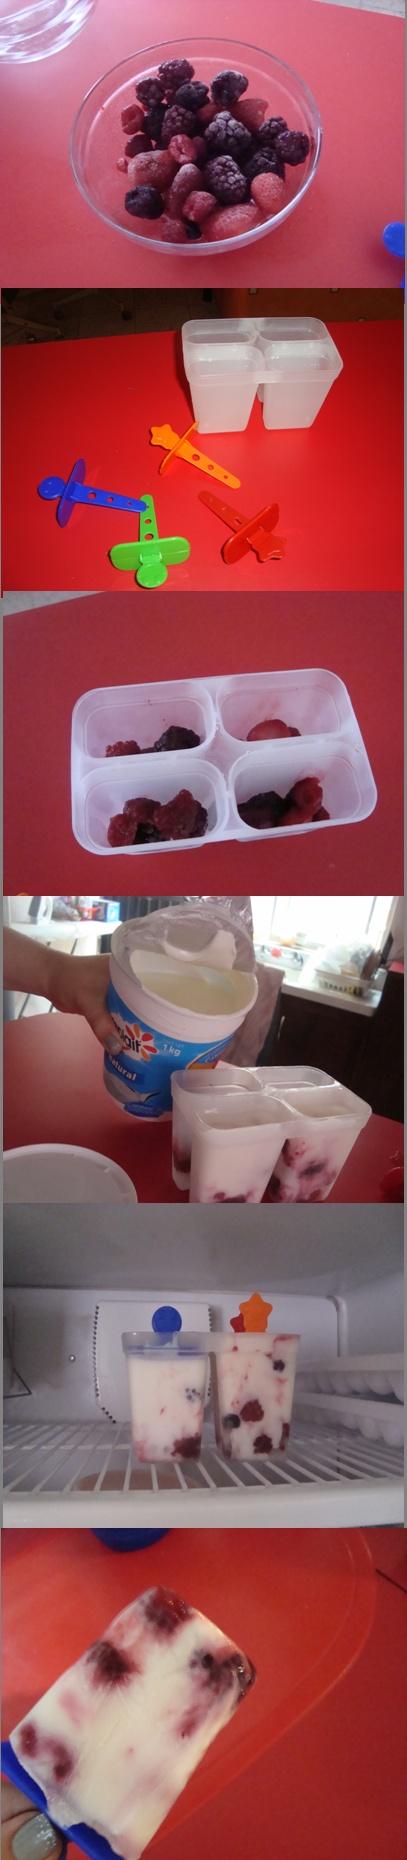 Paletas de Yogurth una idea rica y baja en calorias.